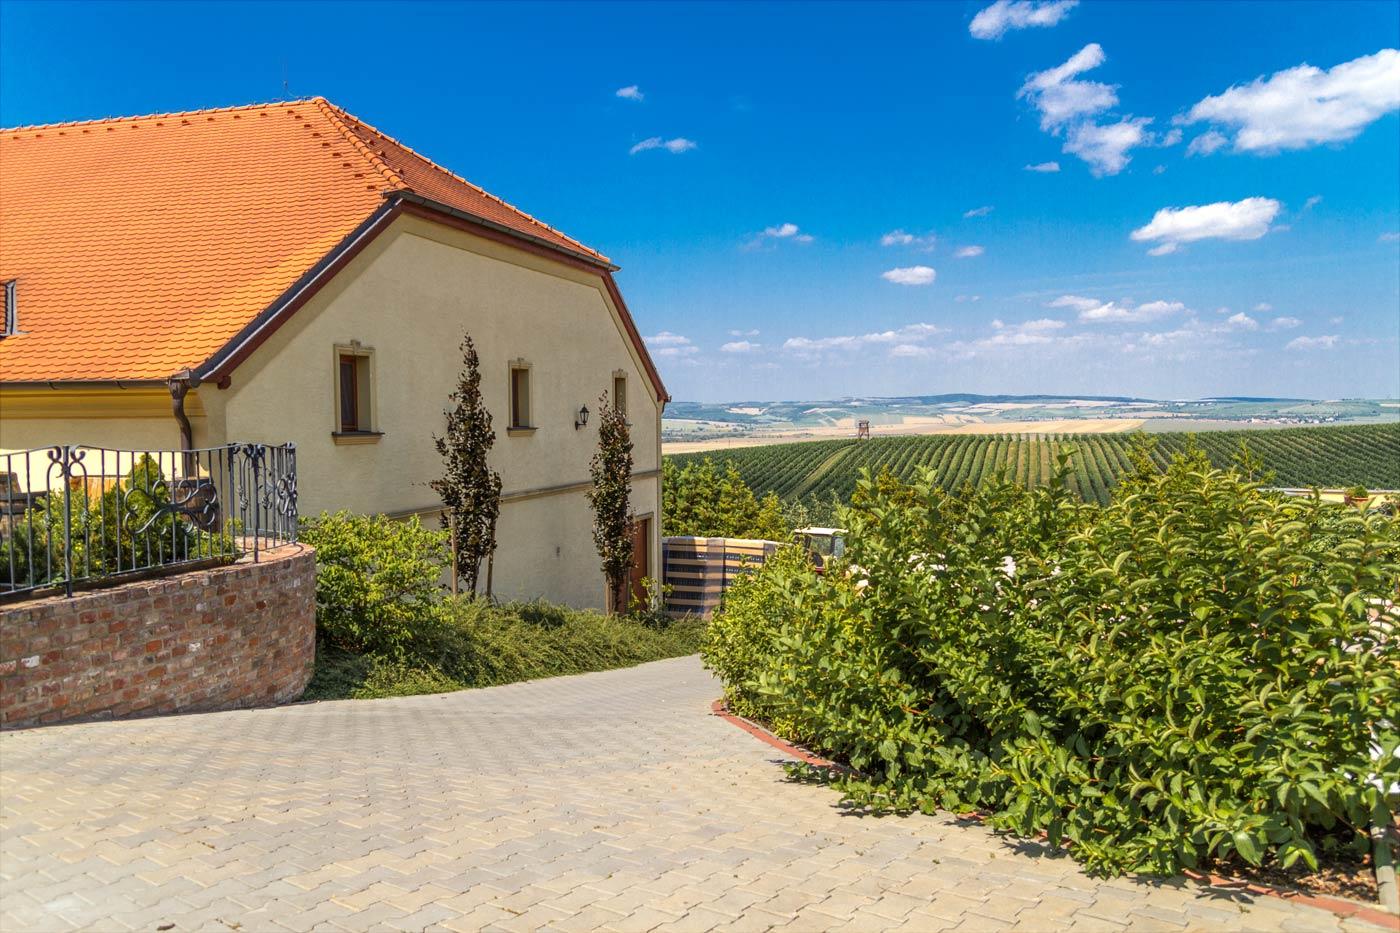 Отель и виноградарство «Vinařství U Kapličky», Зайечи, Южная Моравия